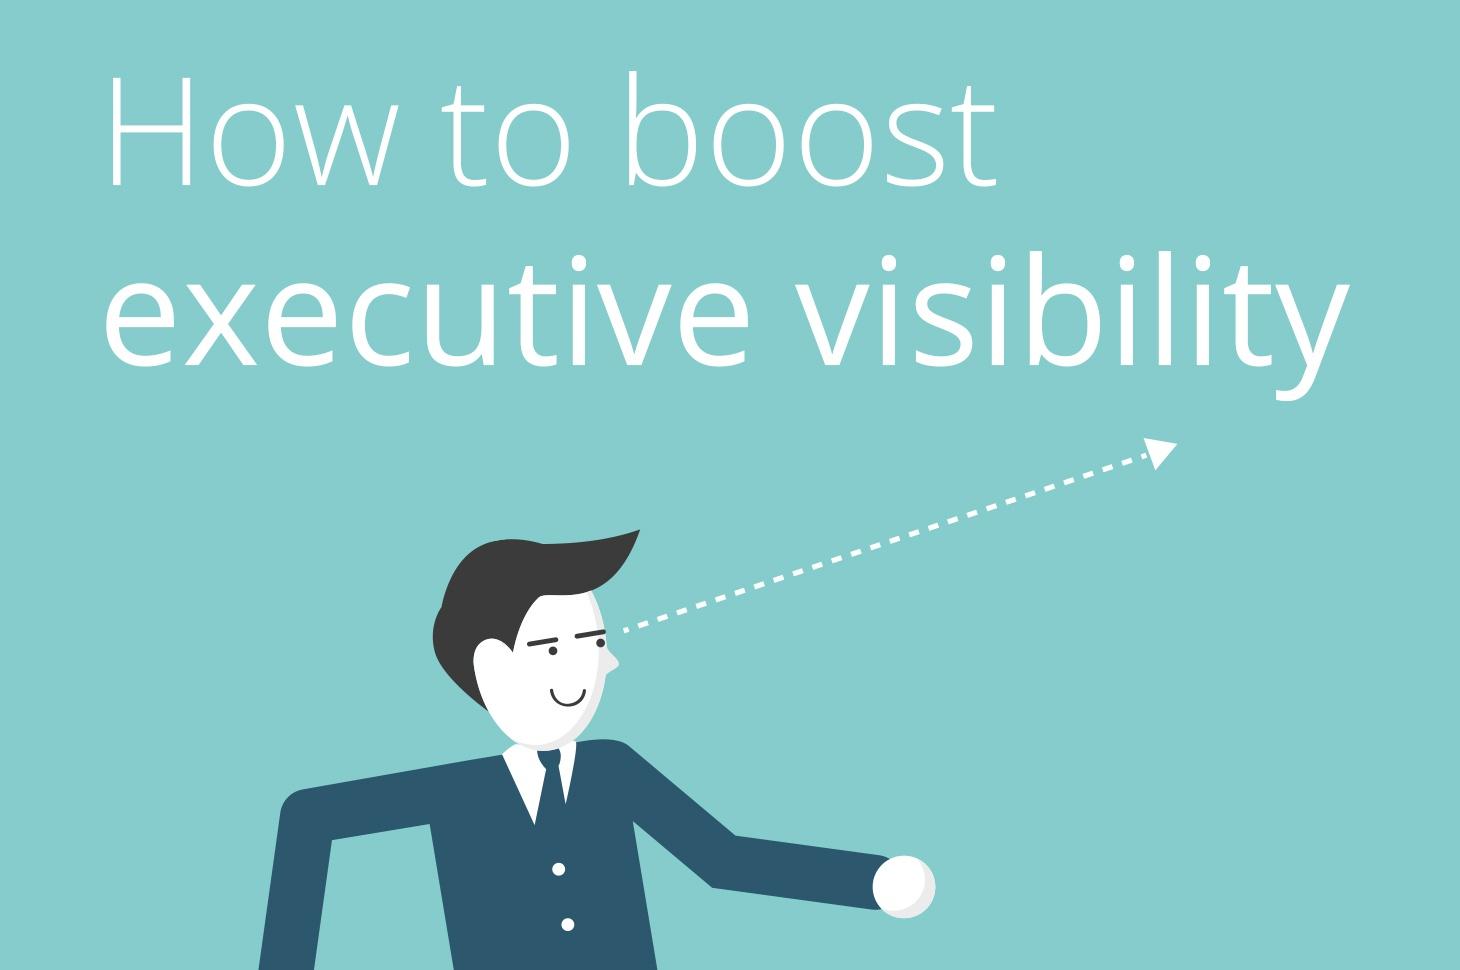 ExecutiveVisibility.jpg